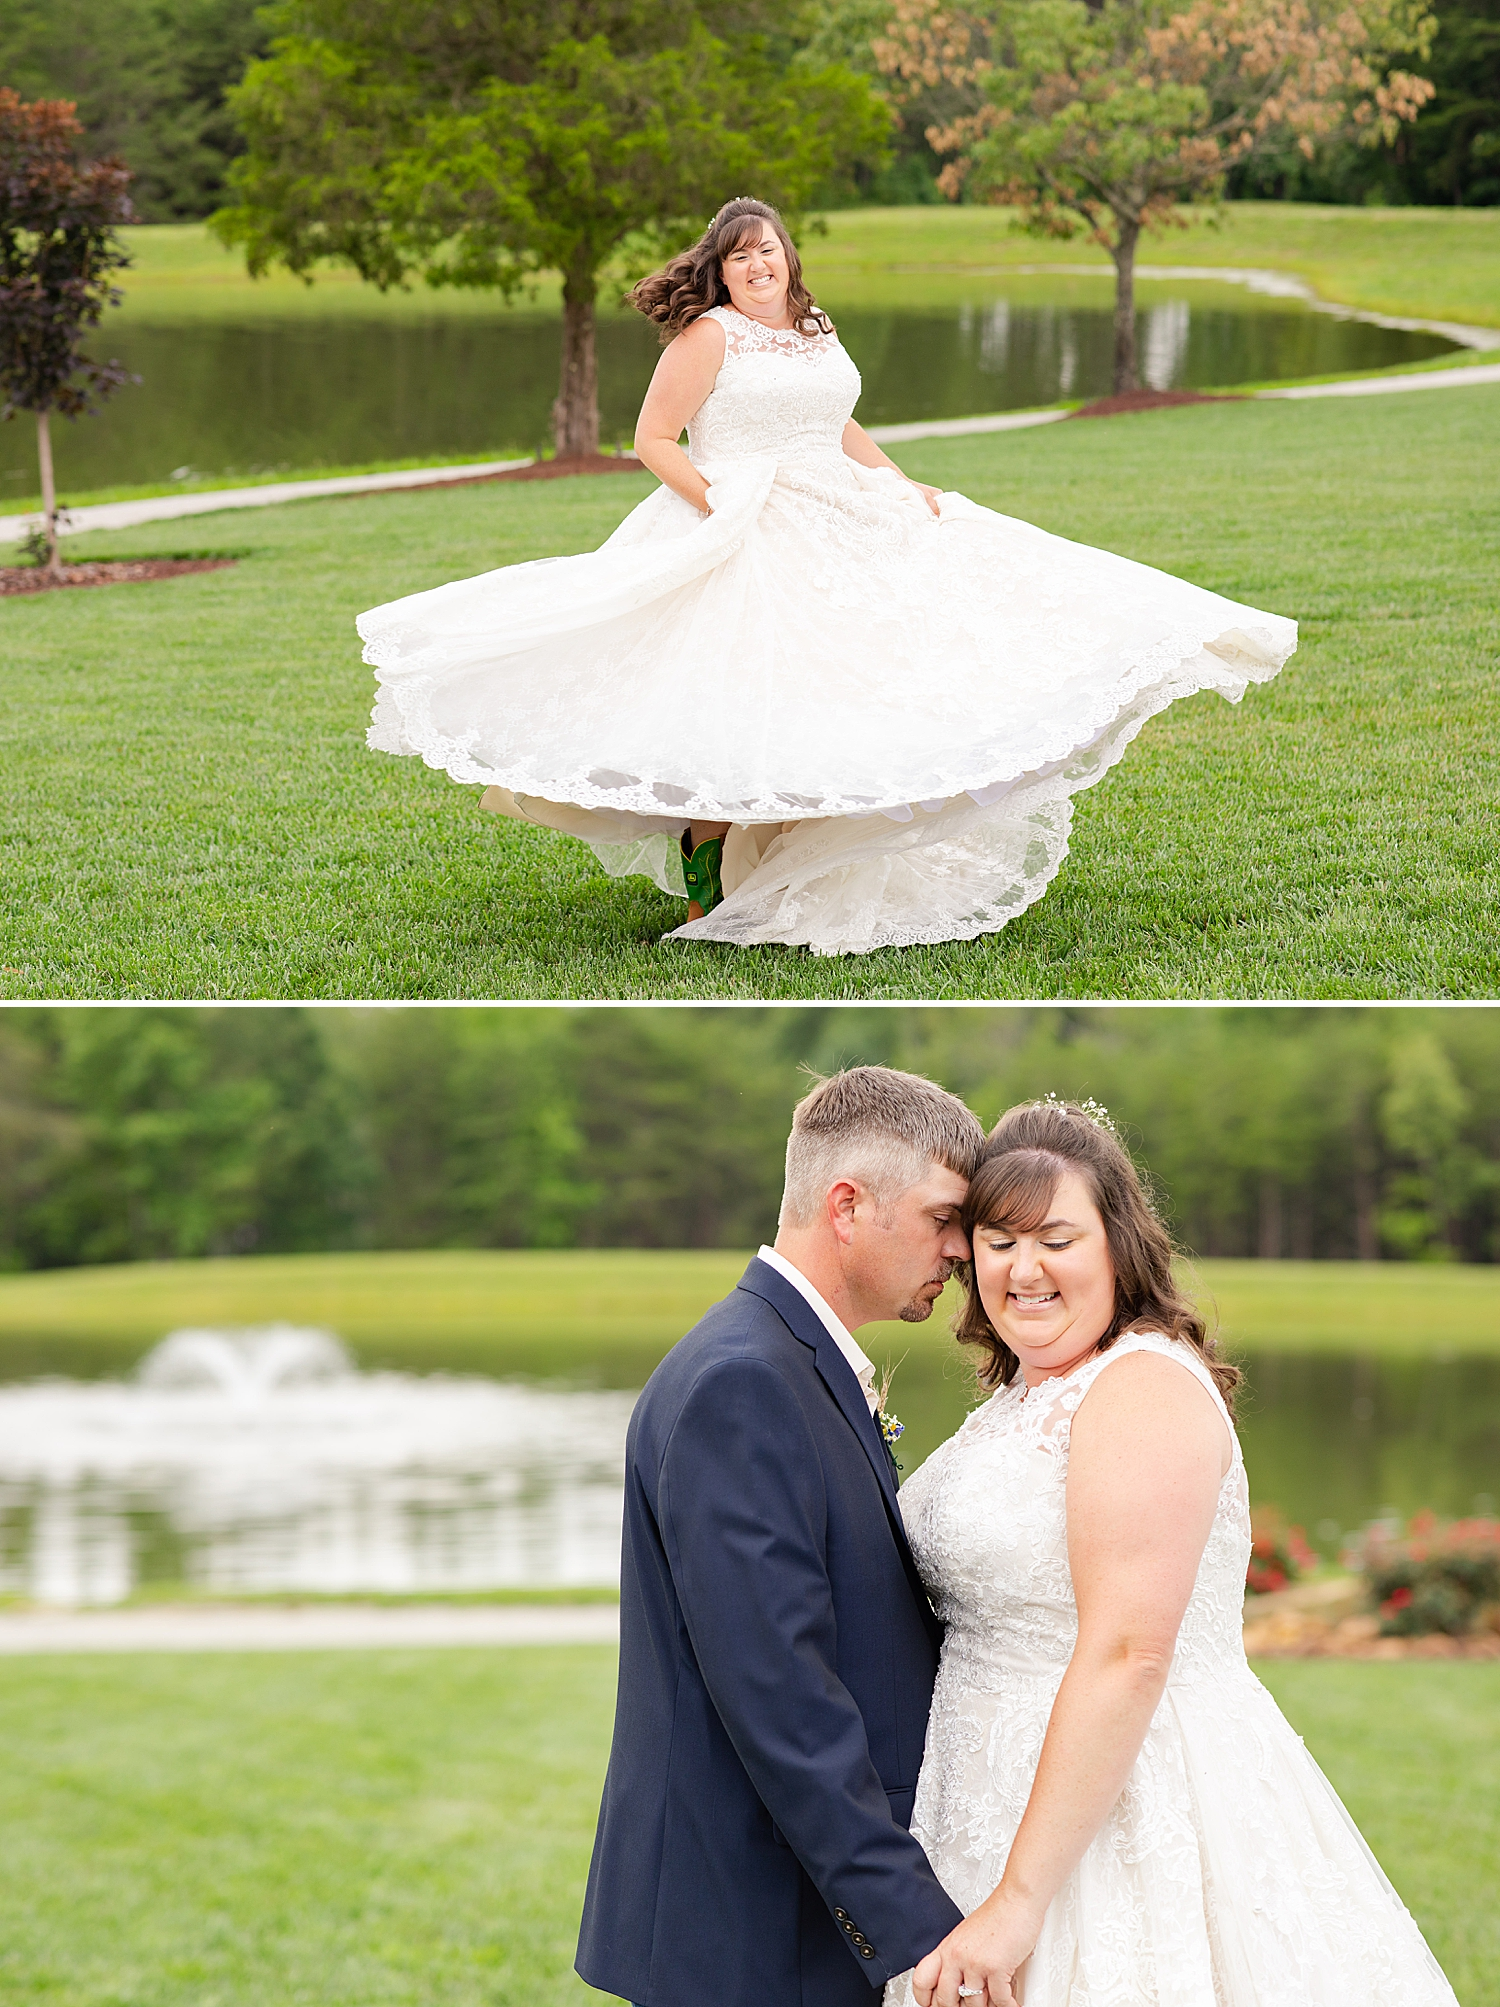 Atkinson Farms Spring Wedding Photo_1030.jpg